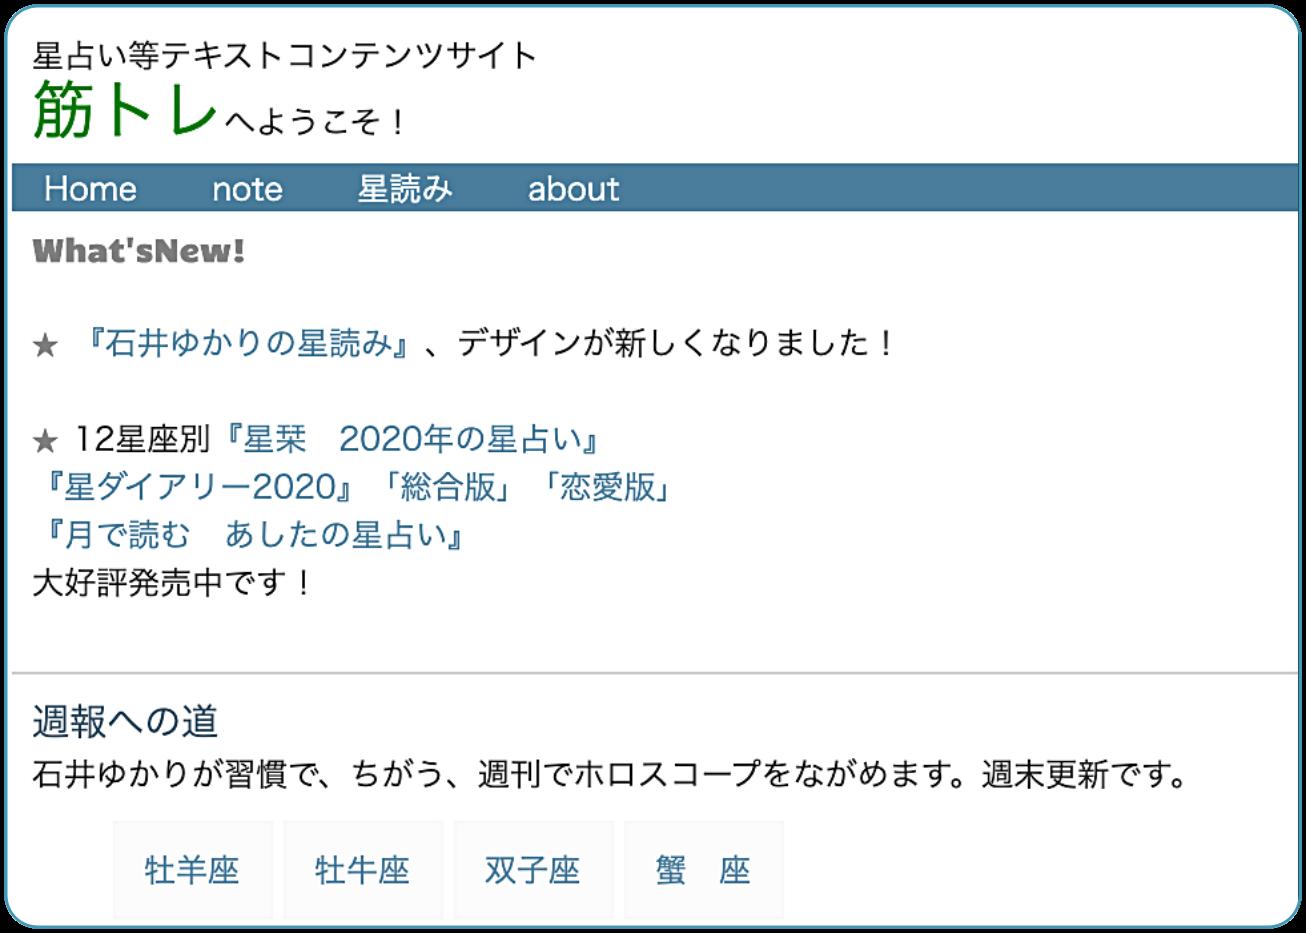 石井ゆかり「筋トレ」サイト